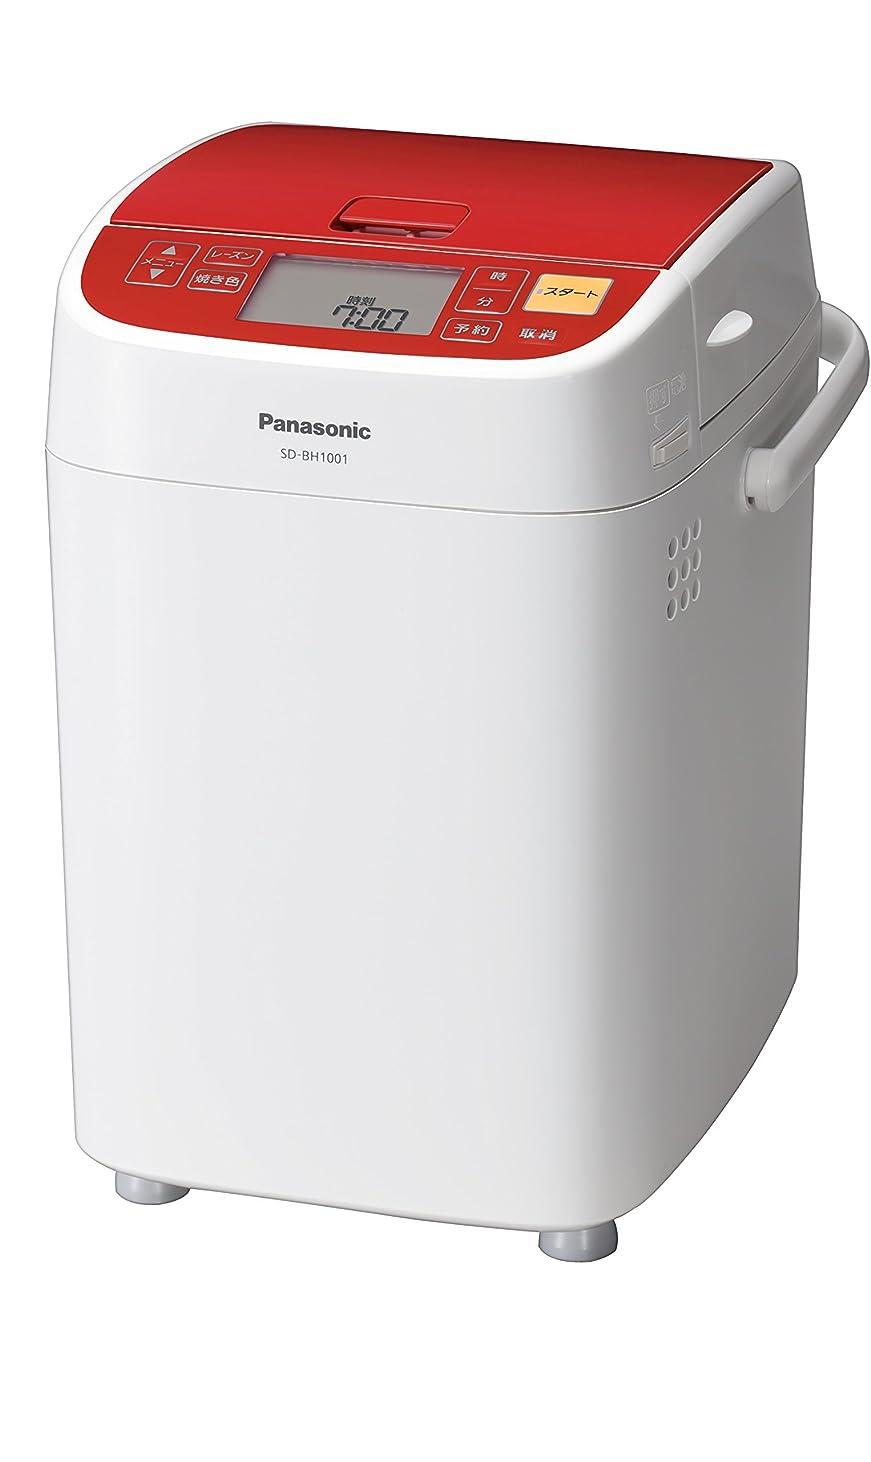 必要宣言する記念日パナソニック ホームベーカリー 1斤タイプ レッド SD-BH1001-R